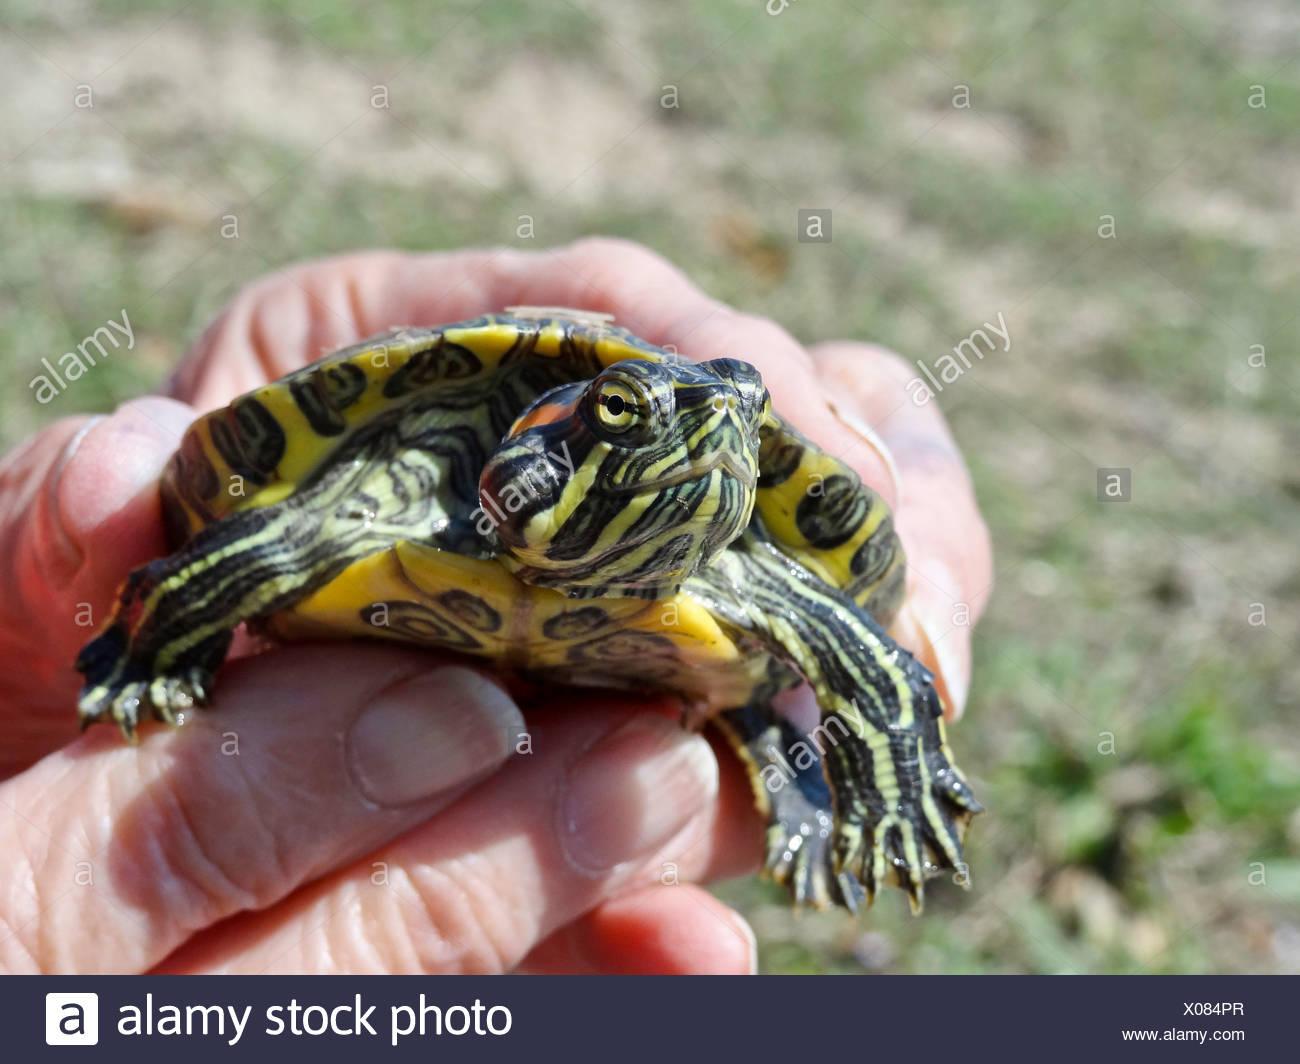 Tortue à oreilles rouges, reptiles, tortues aquatiques, Texas, log, marécage, Trachemys scripta elegans, Bébé, Puériculture, Turtle Photo Stock